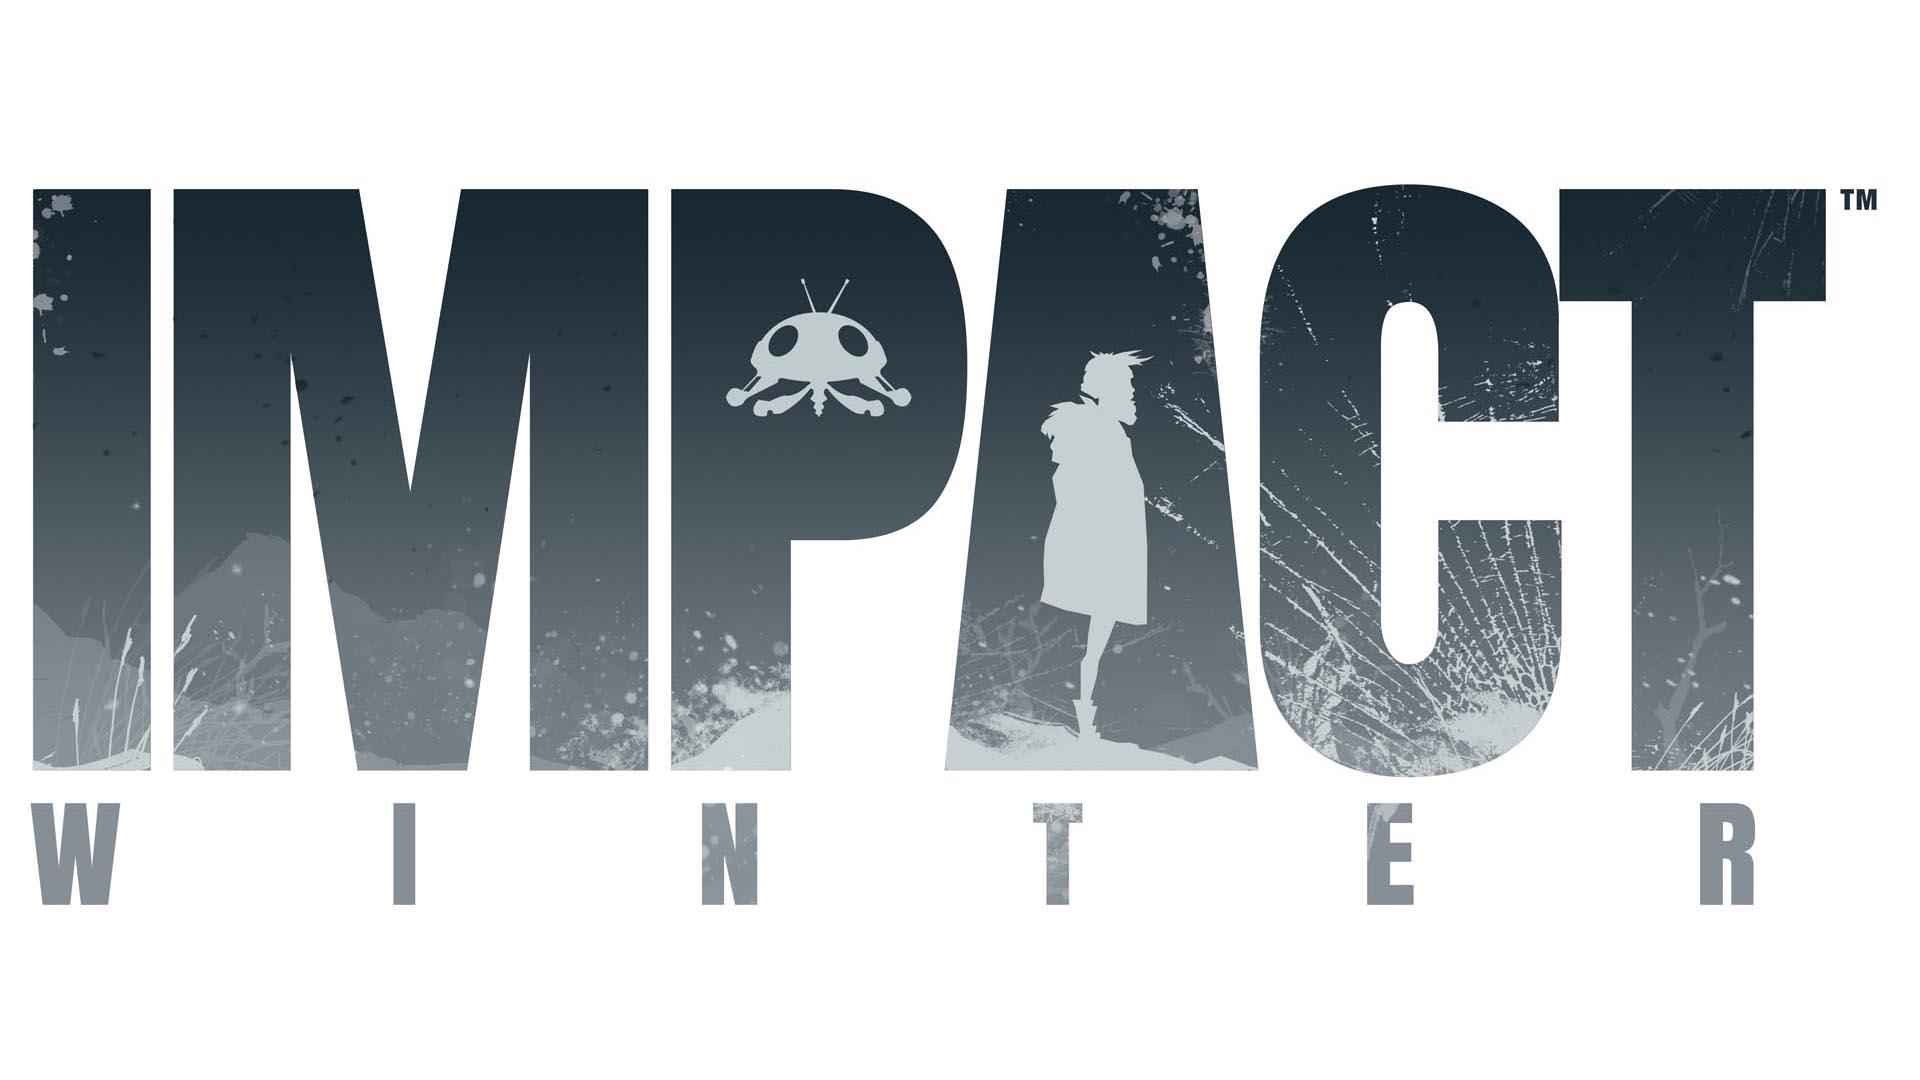 Impact Winter erscheint am 23. Mai 2017 für PC